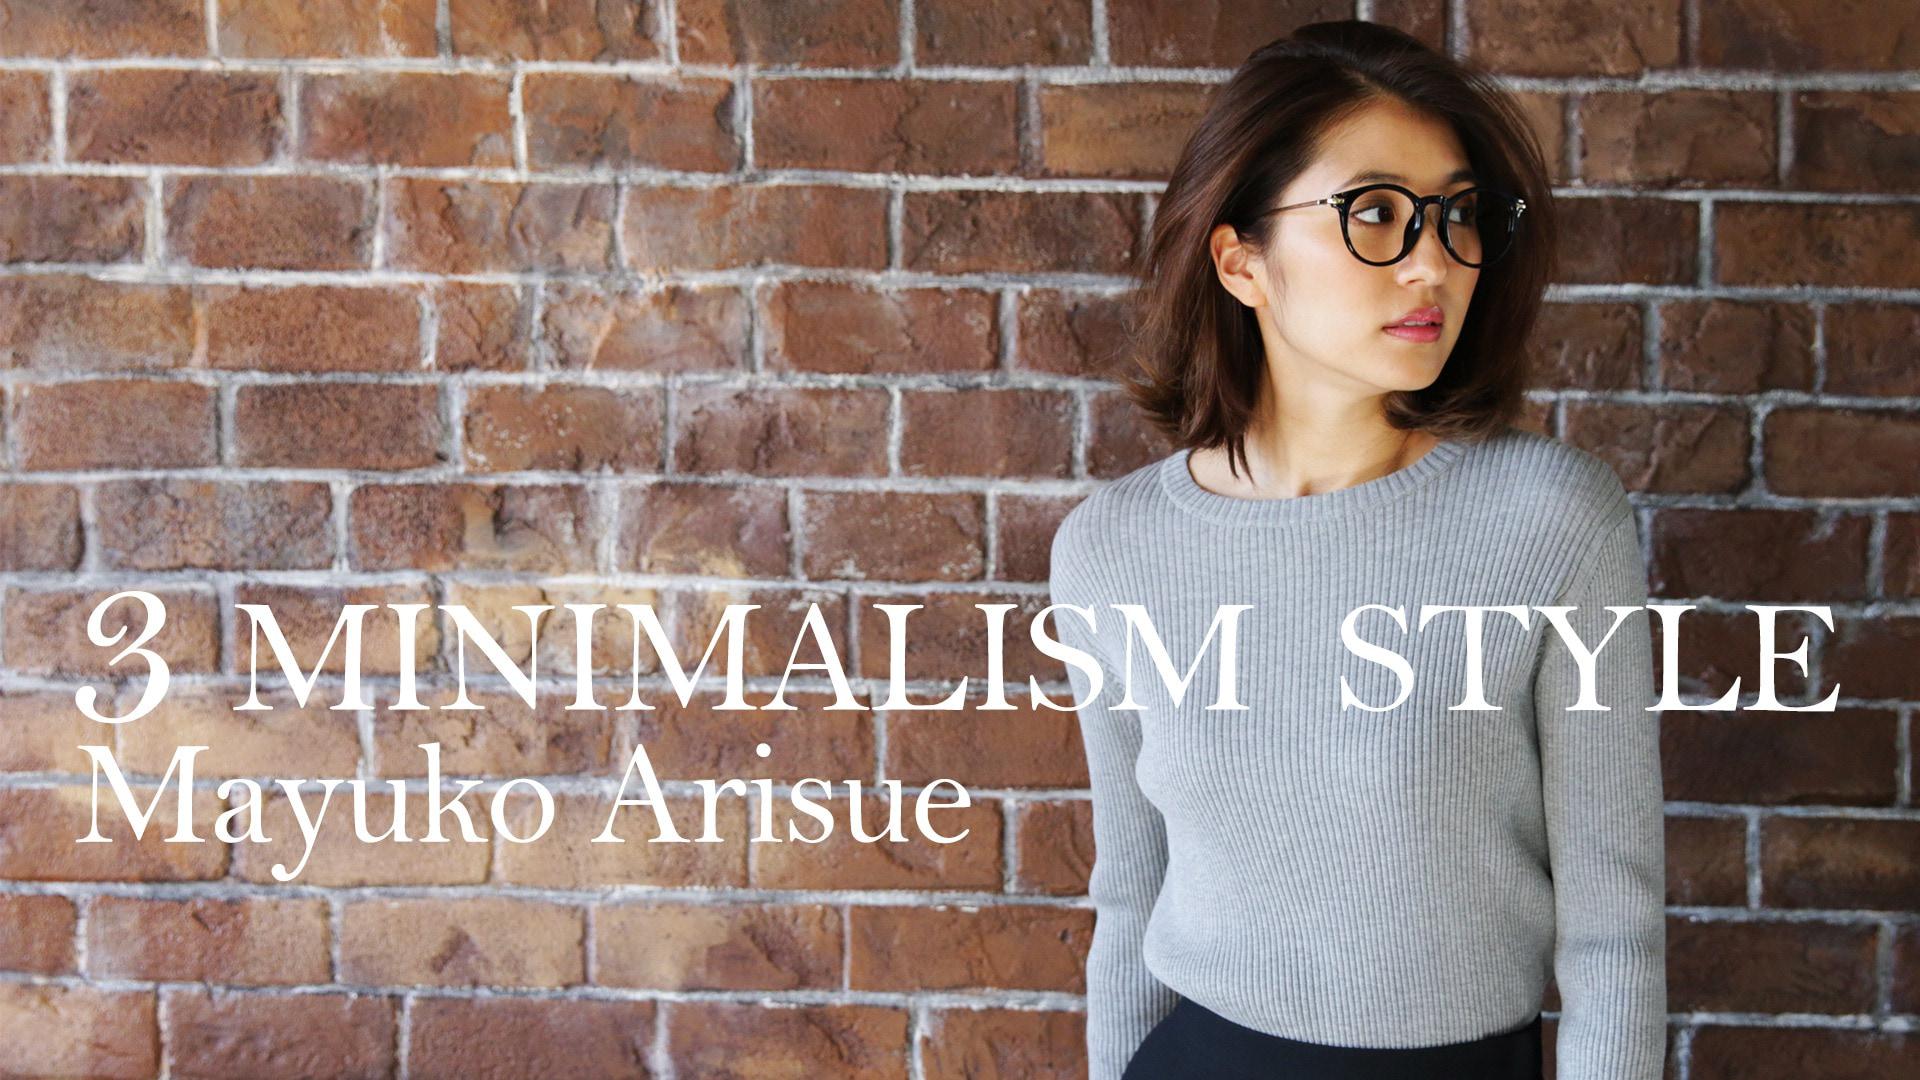 【MINIMALISM特集】大人のオシャレが叶う!「3つのSTYLEで作るミニマリズムファッション」